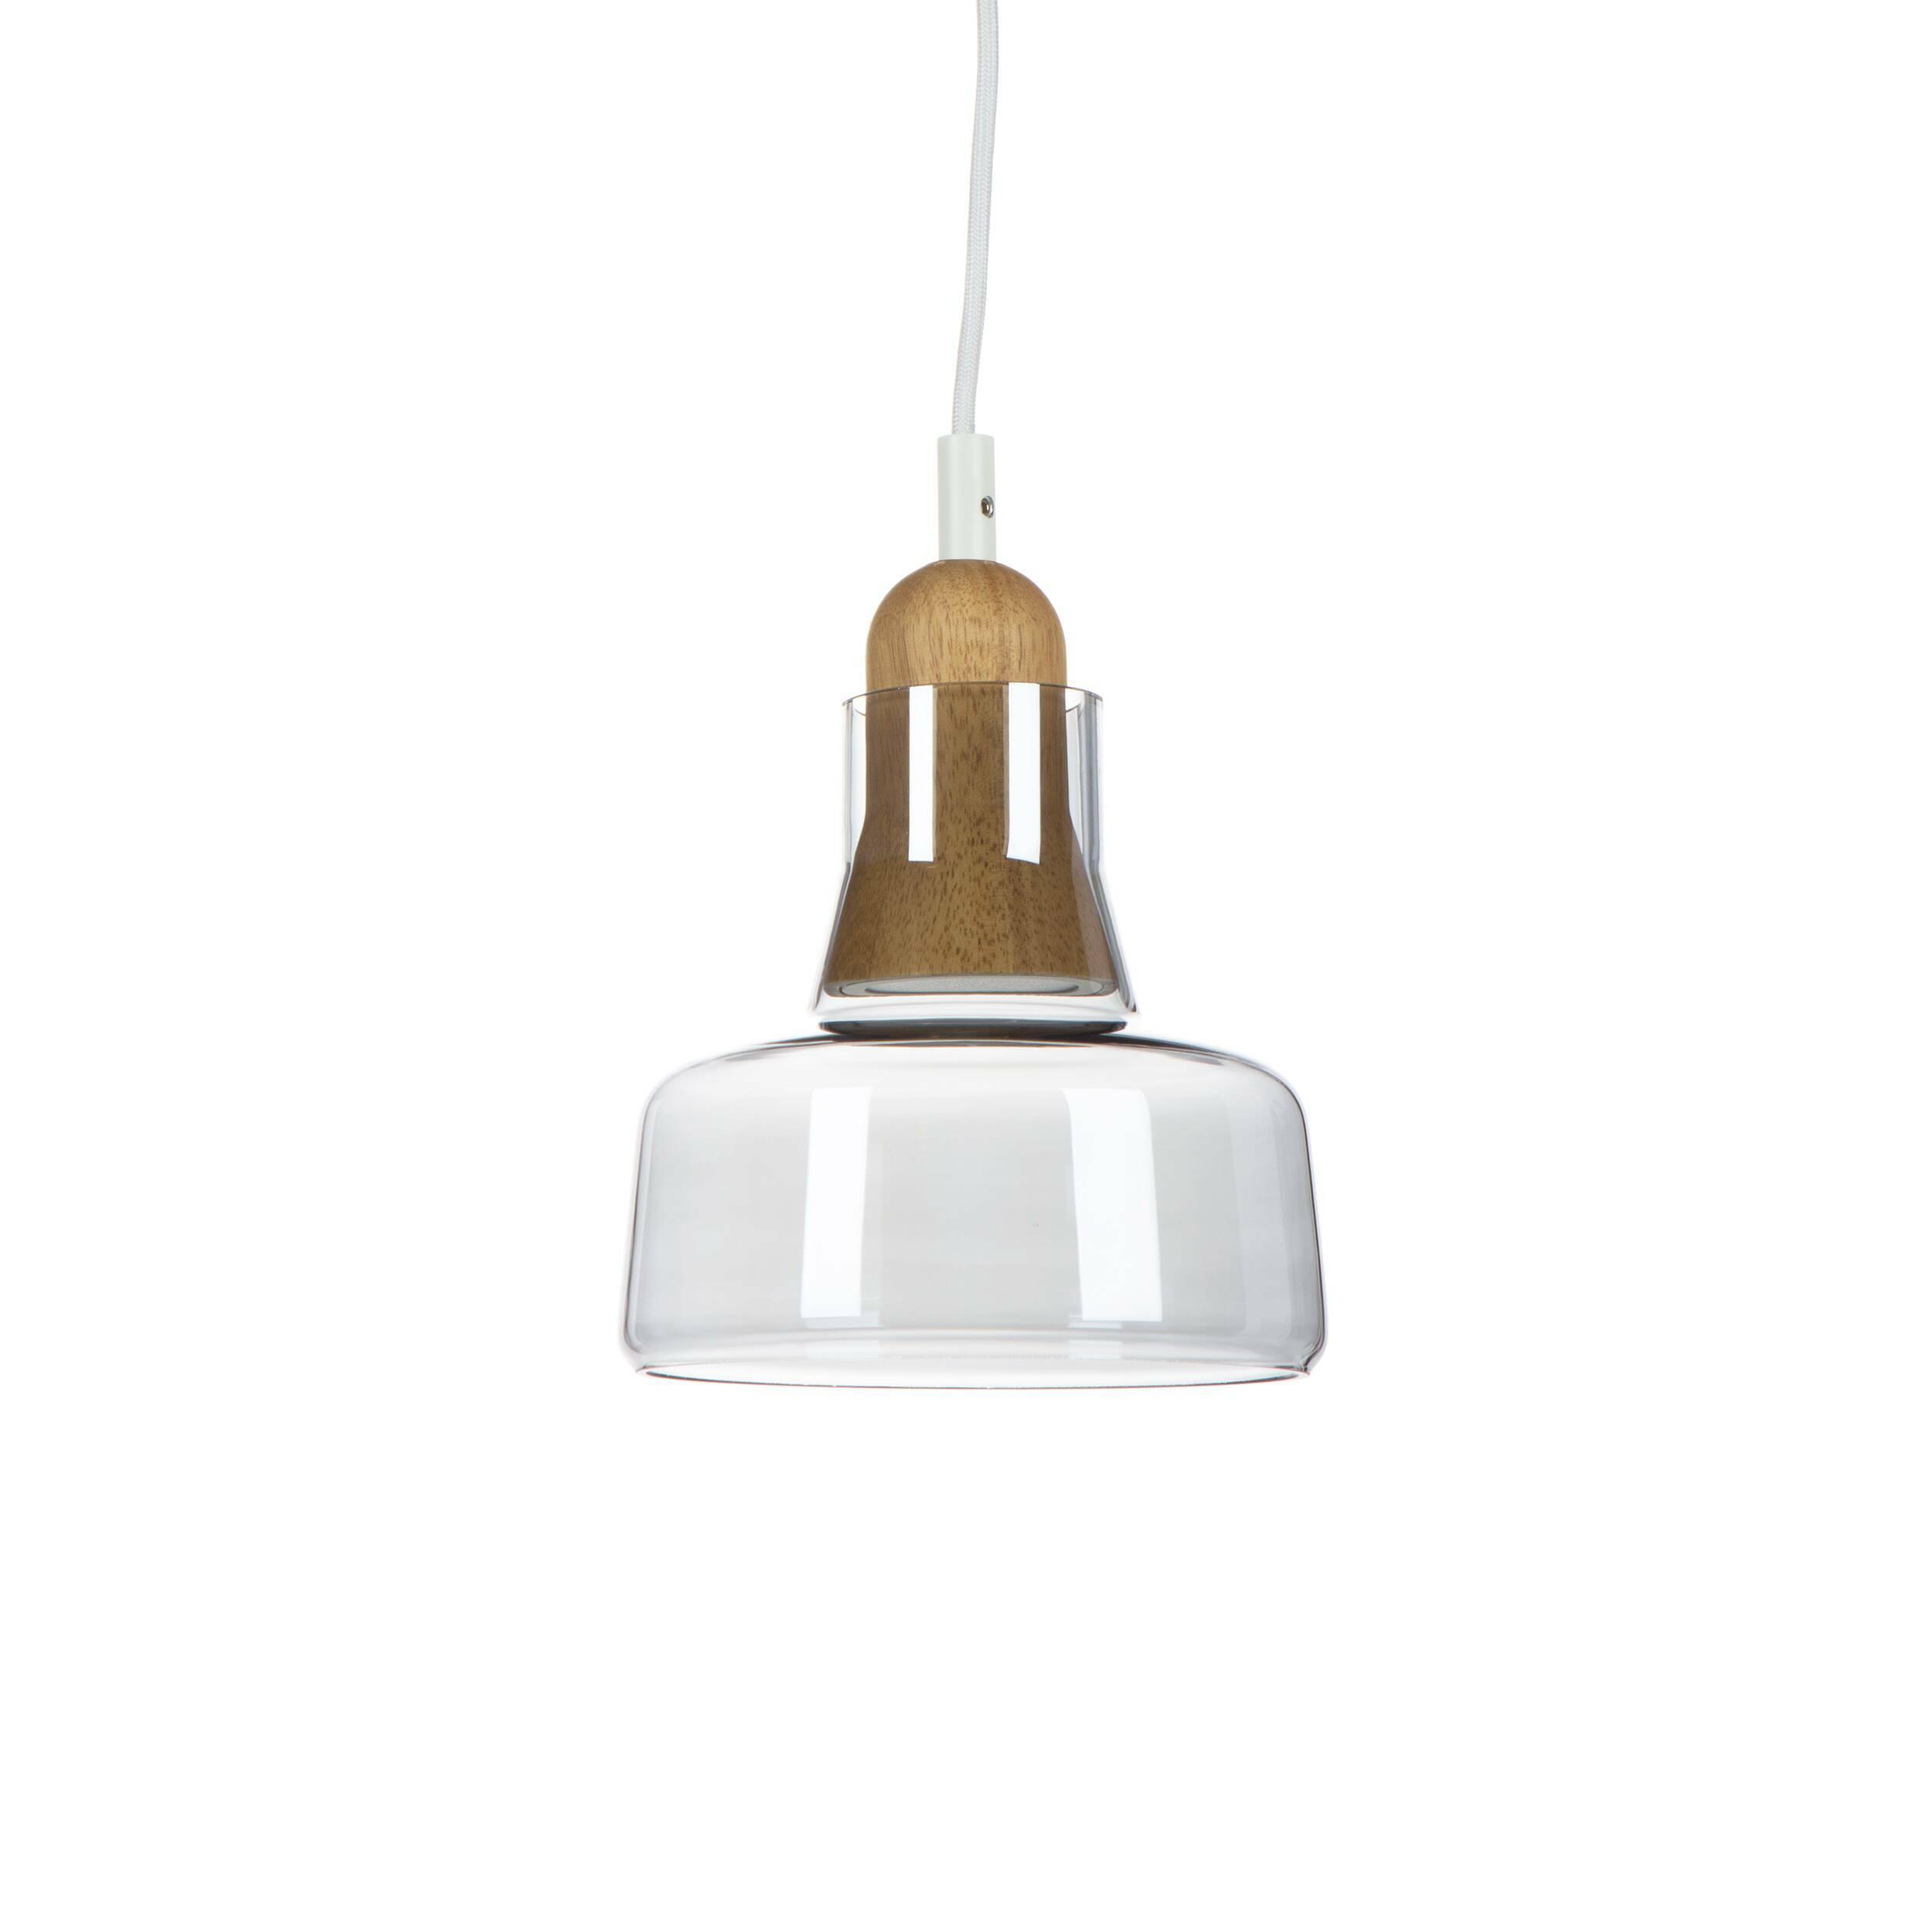 Подвесной светильник Verre диаметр 19